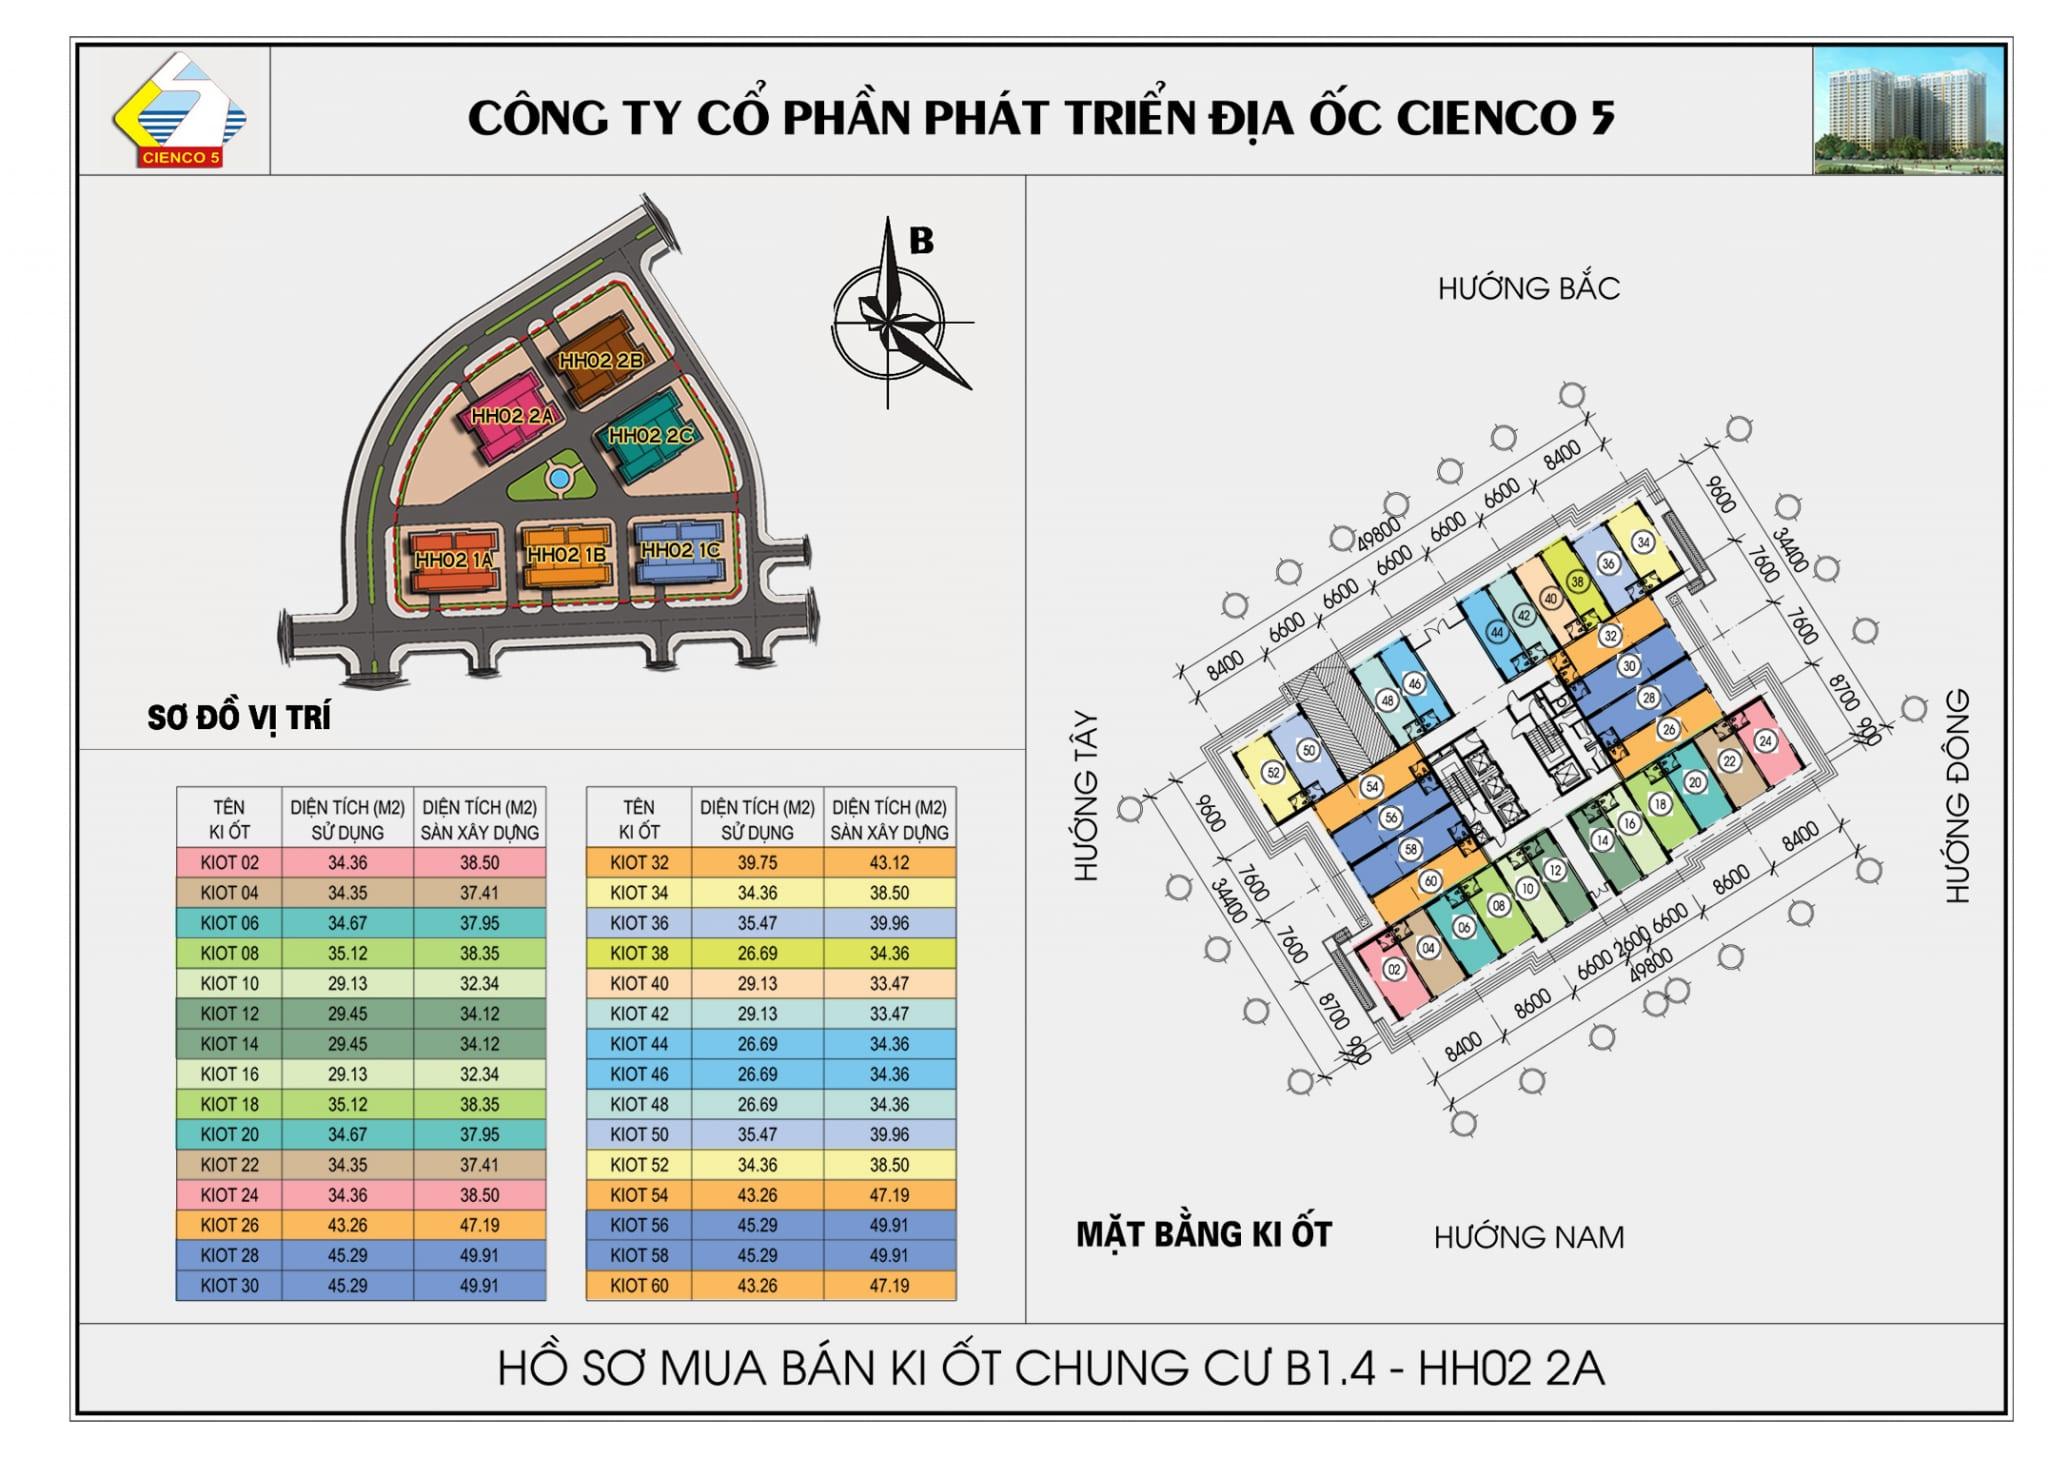 Mặt bằng Kiot Chung Cư B1.4 HH02-2A Thanh Hà Cienco 5